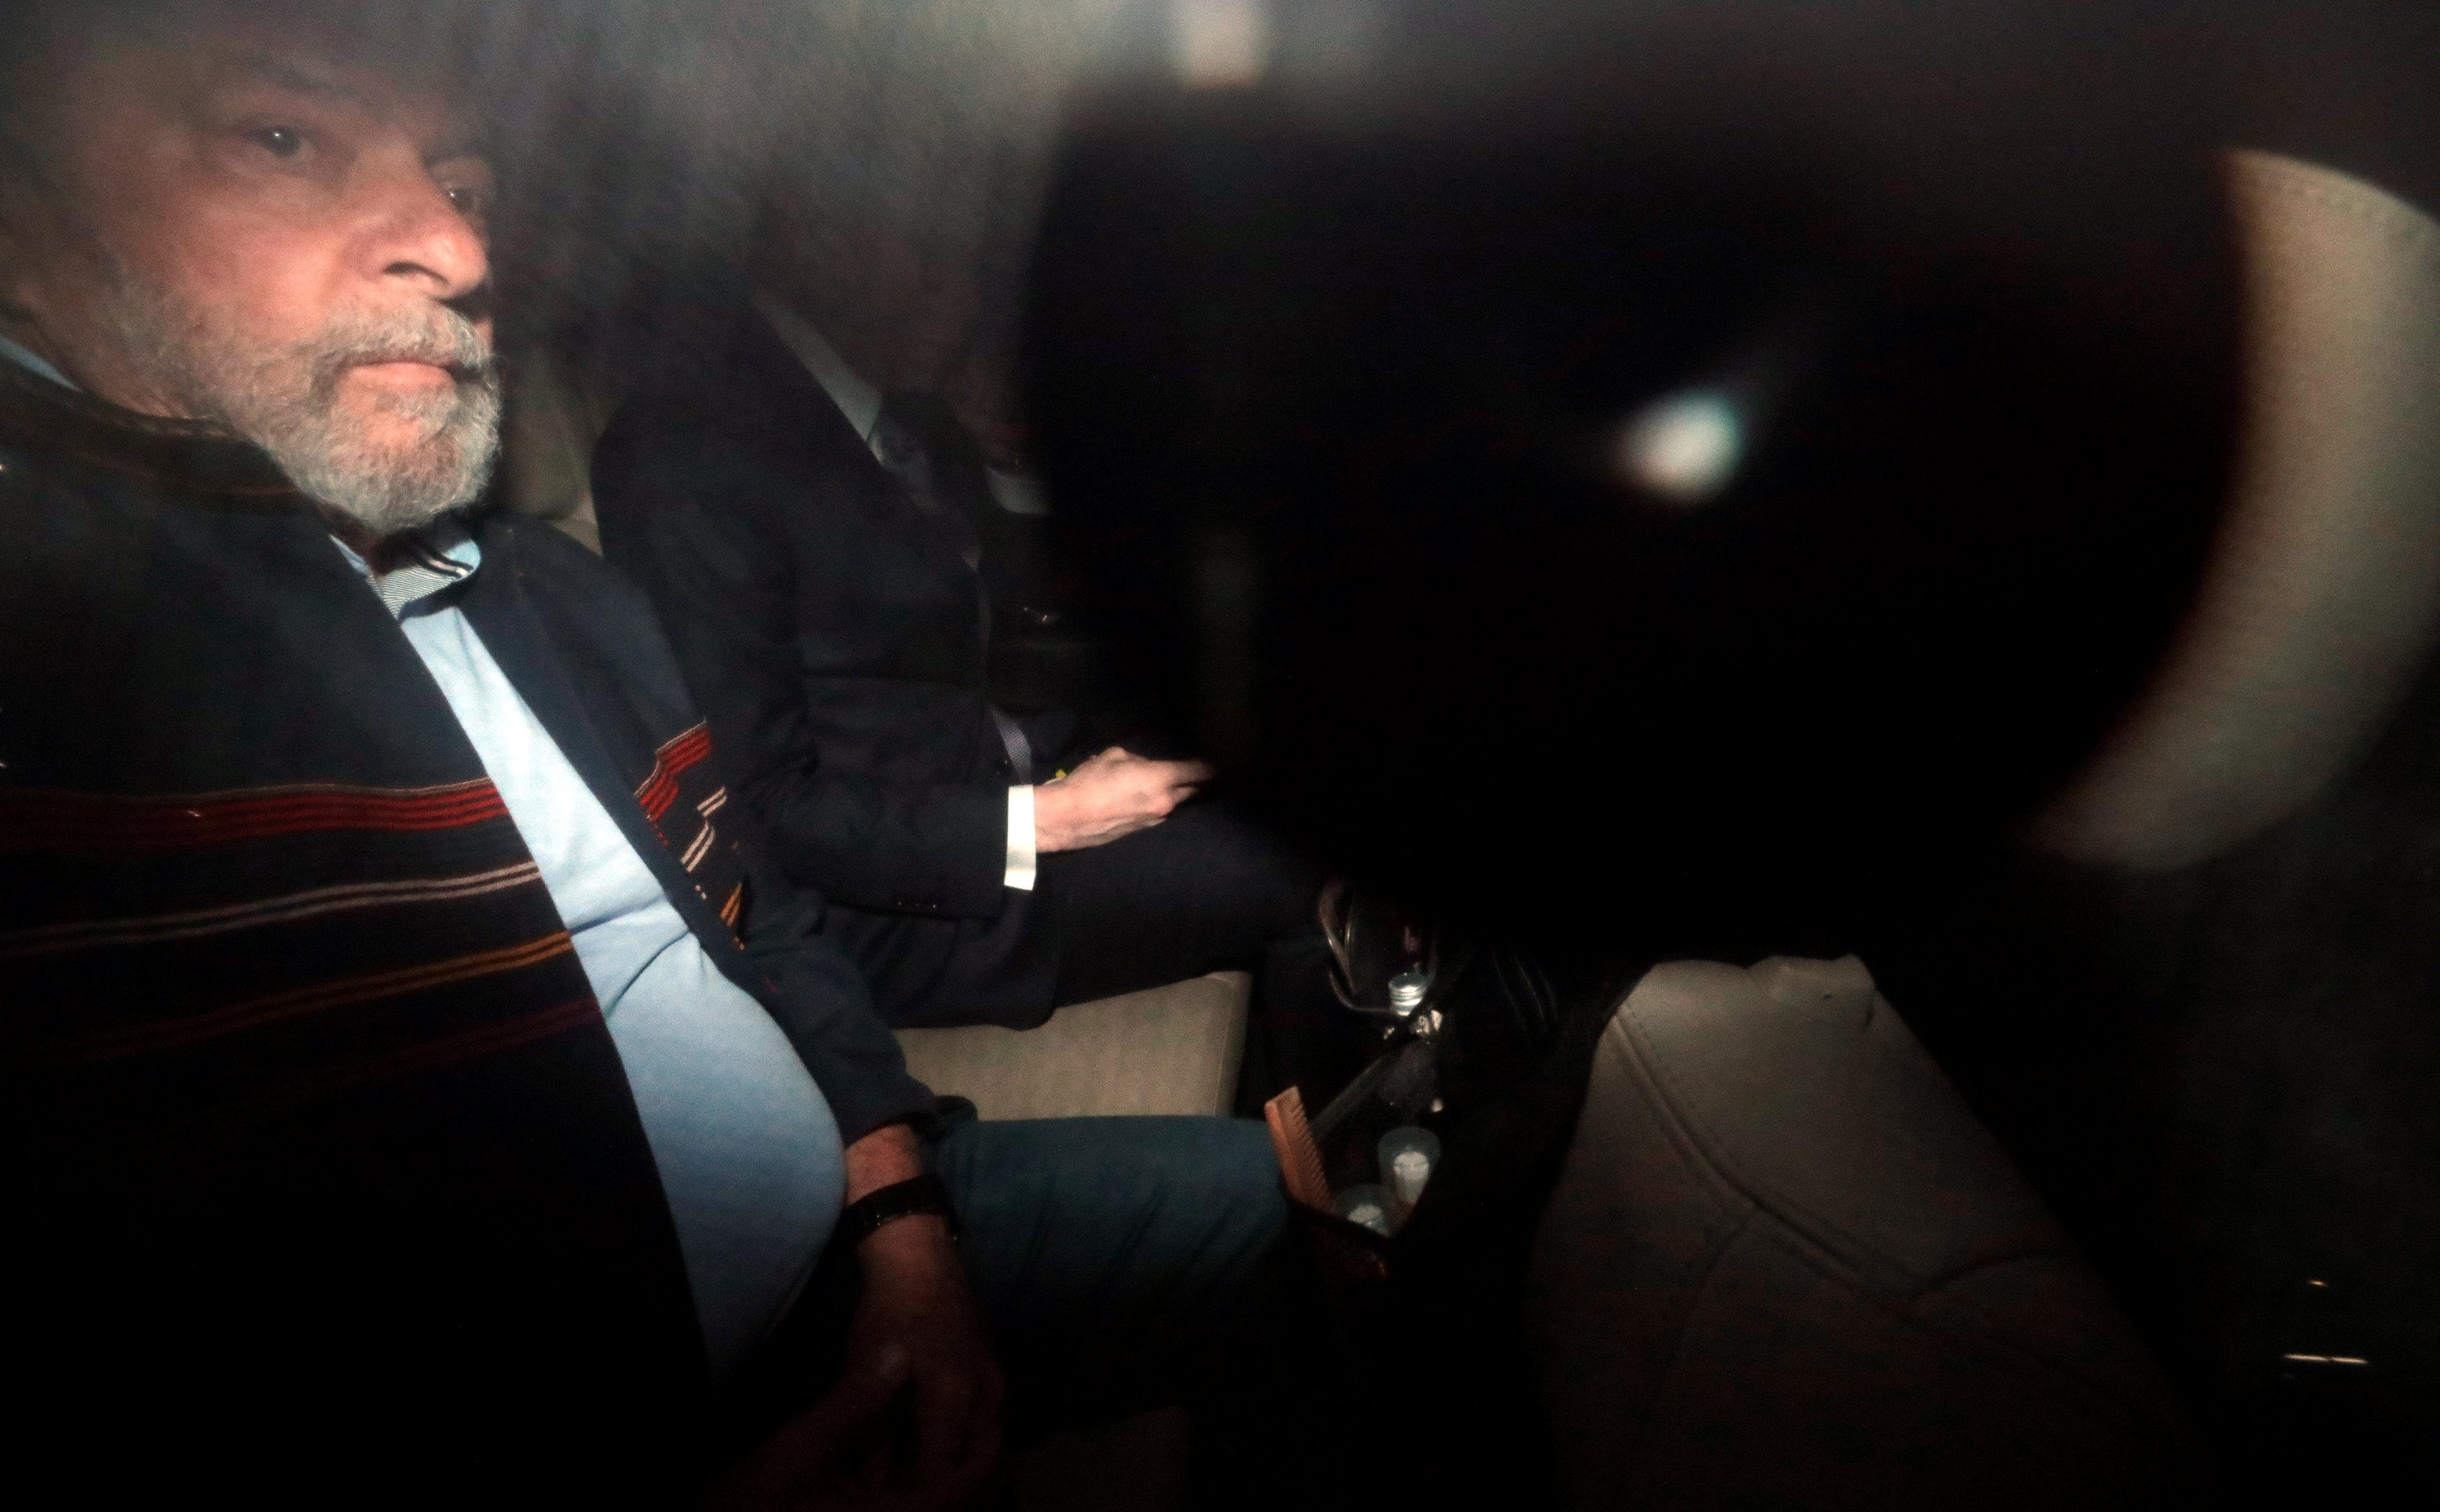 5 de abril de 2018. Tras la orden de detención del juez Sérgio Moro, el ex mandatario salió del Instituto Lula hacia la sede del Sindicato Metalúrgico en São Bernardo do Campo para refugiarse junto con sus seguidores, que convocaron una vigilia hasta que se cumpla el plazode su entrega a la policía